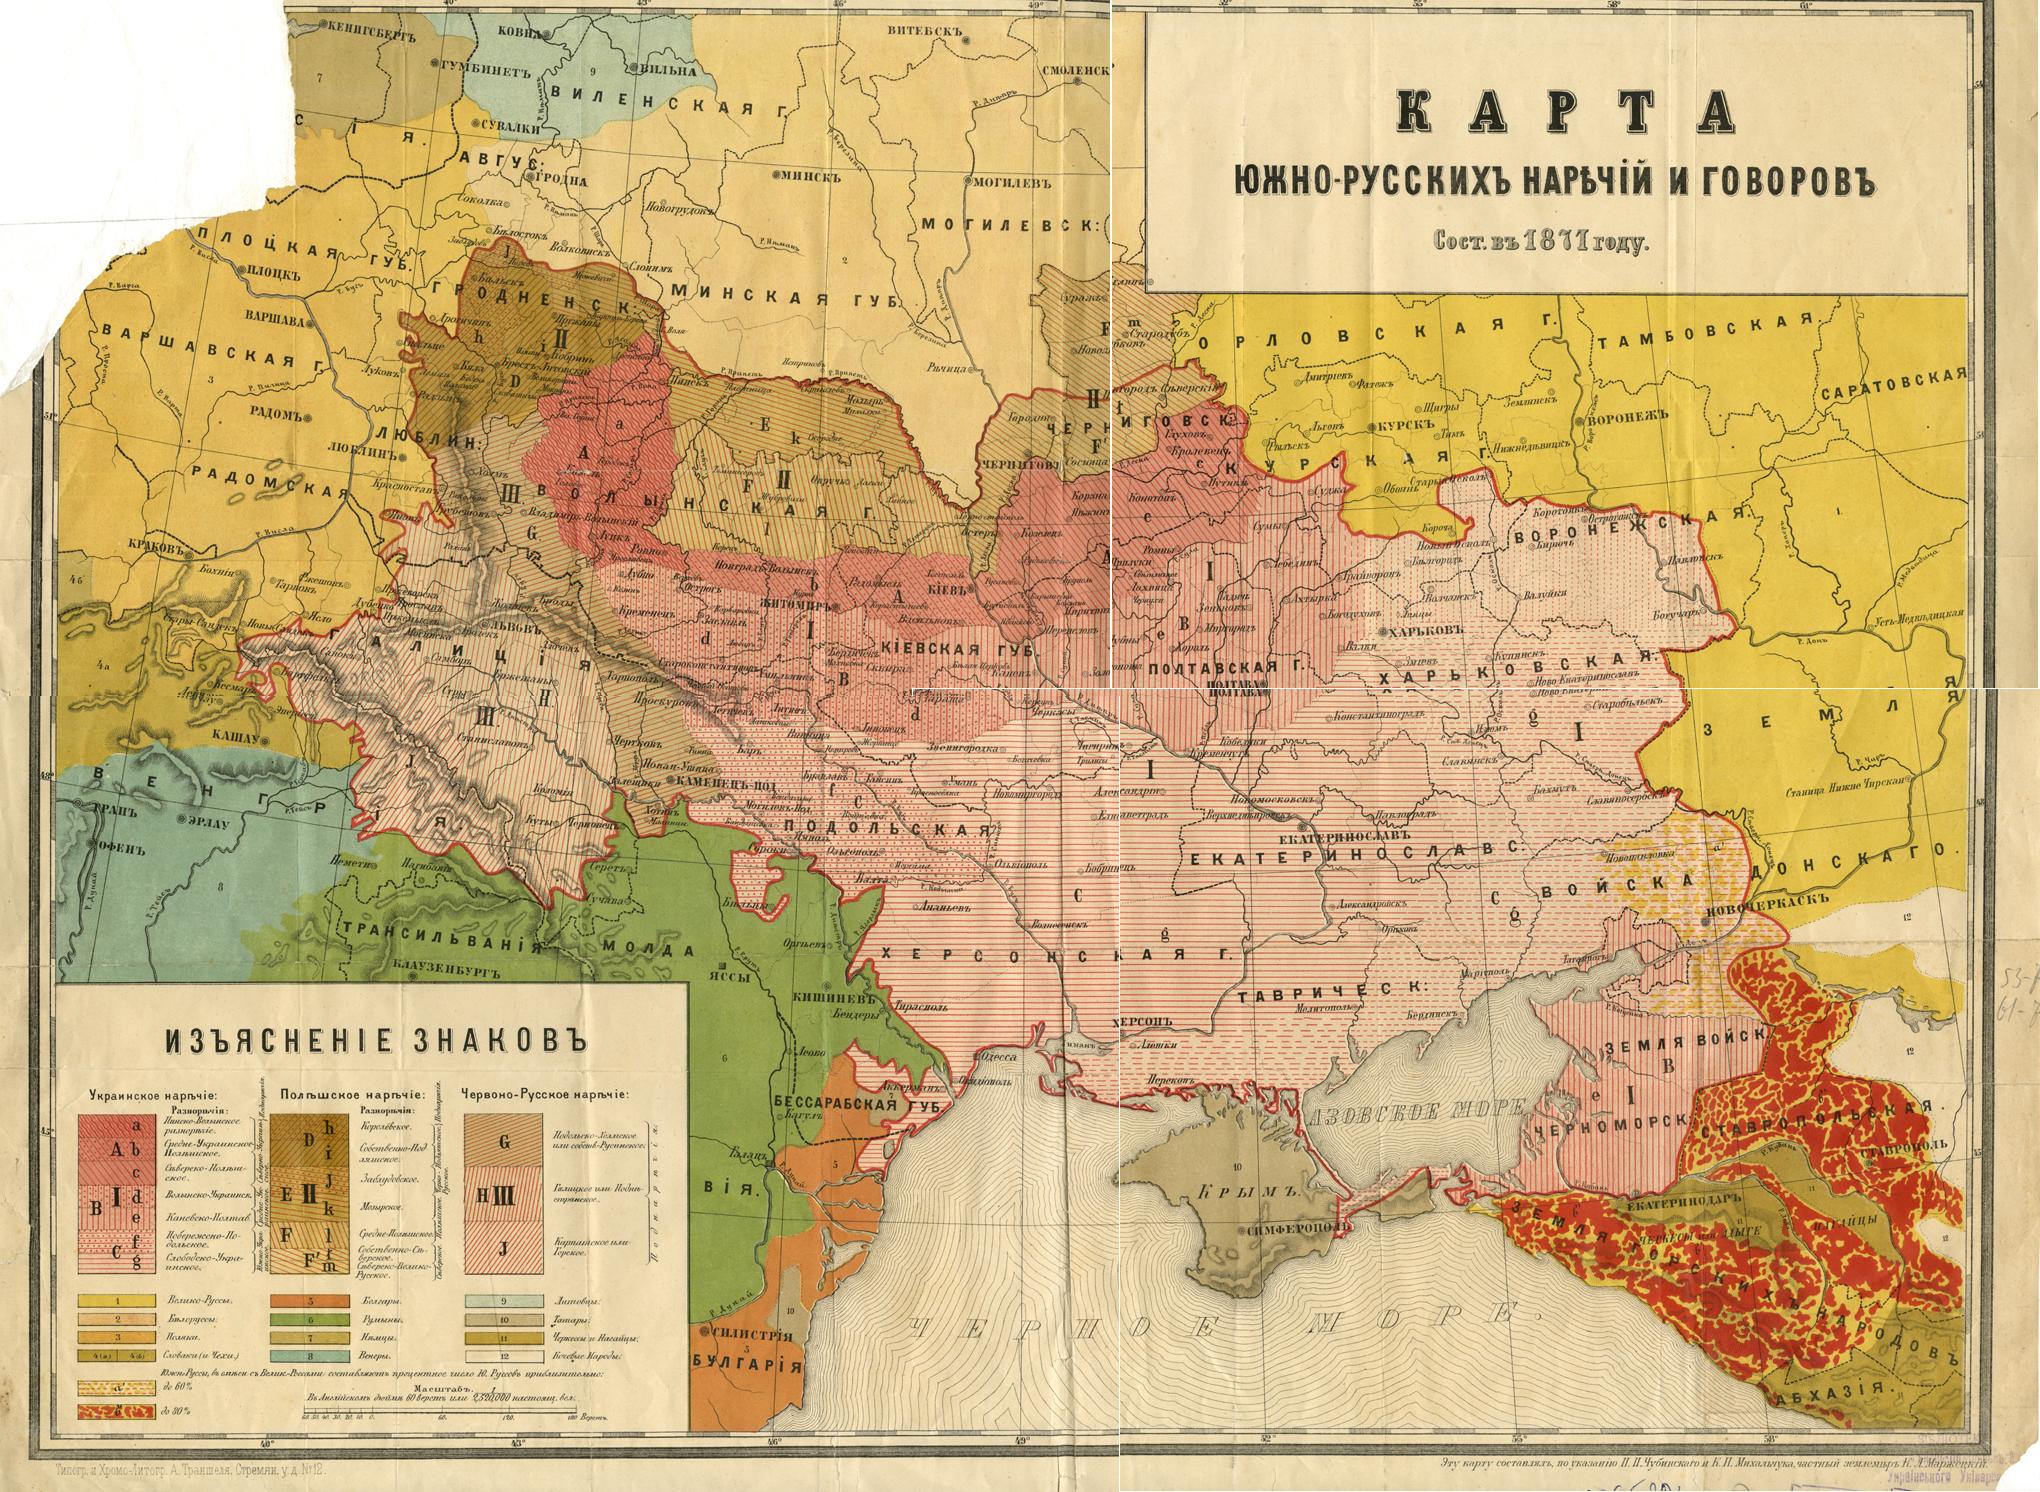 Карта южнорусских наречий и говоров П.Чубинского и К.Михальчука (1871)